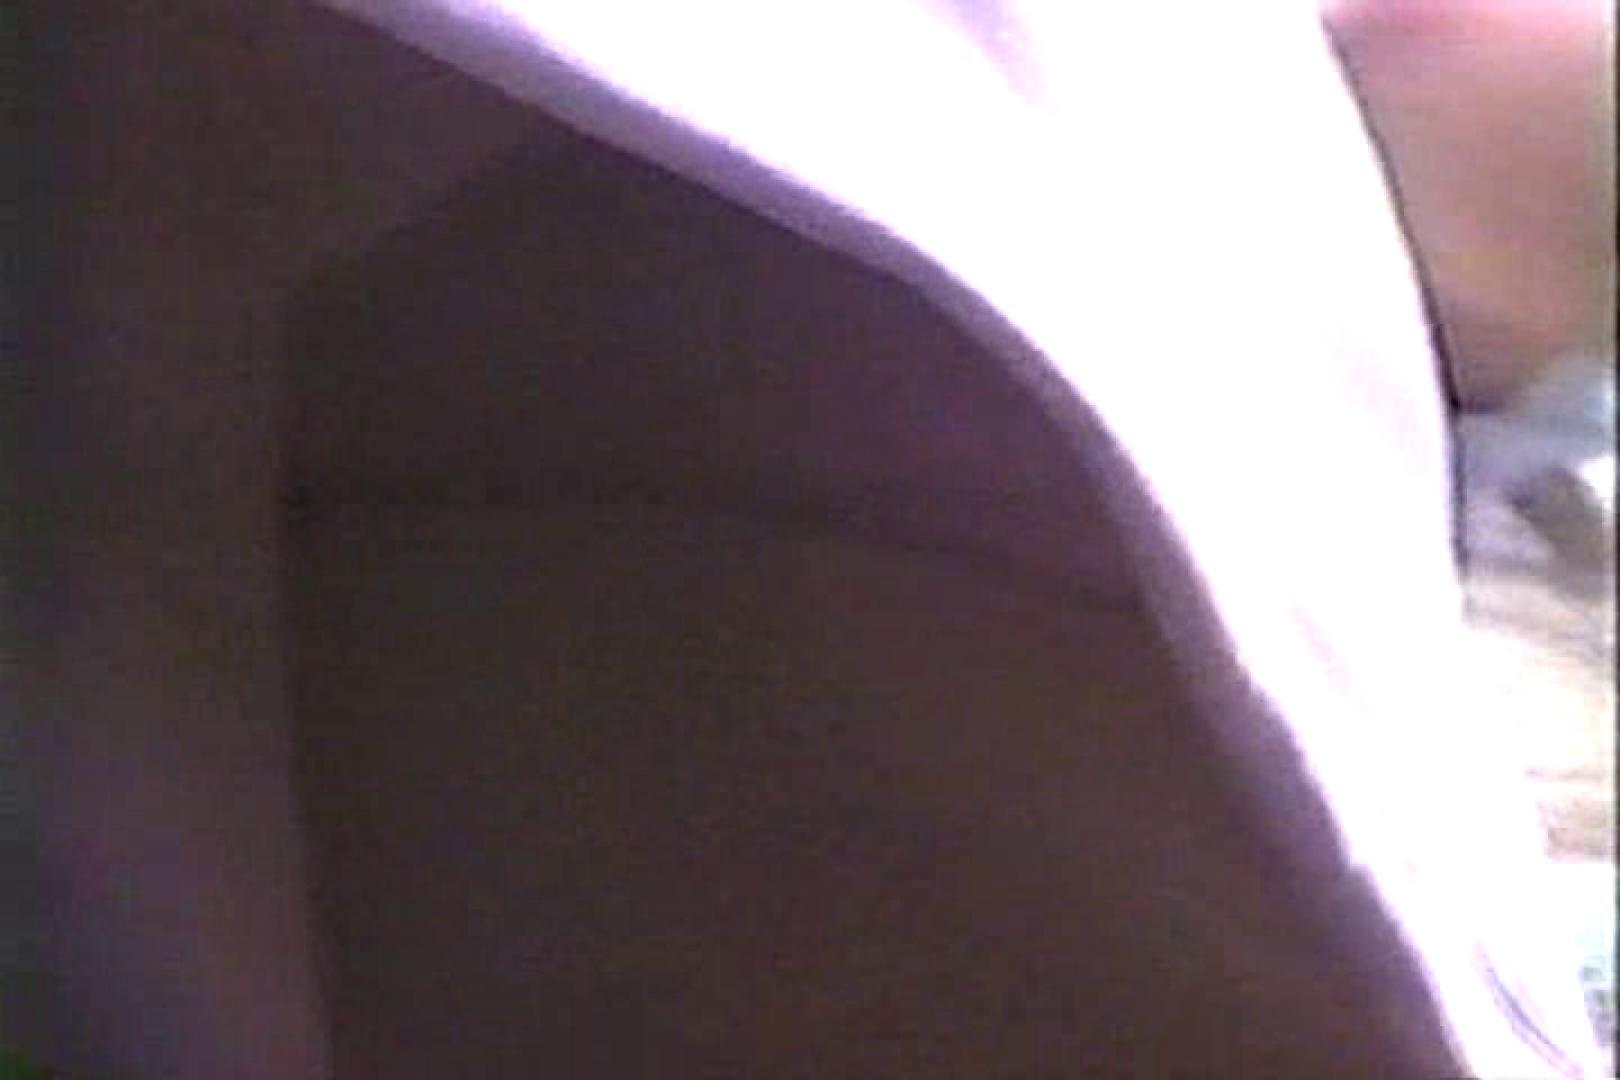 「ちくりん」さんのオリジナル未編集パンチラVol.1_01 チラ 盗撮おまんこ無修正動画無料 23PICs 6